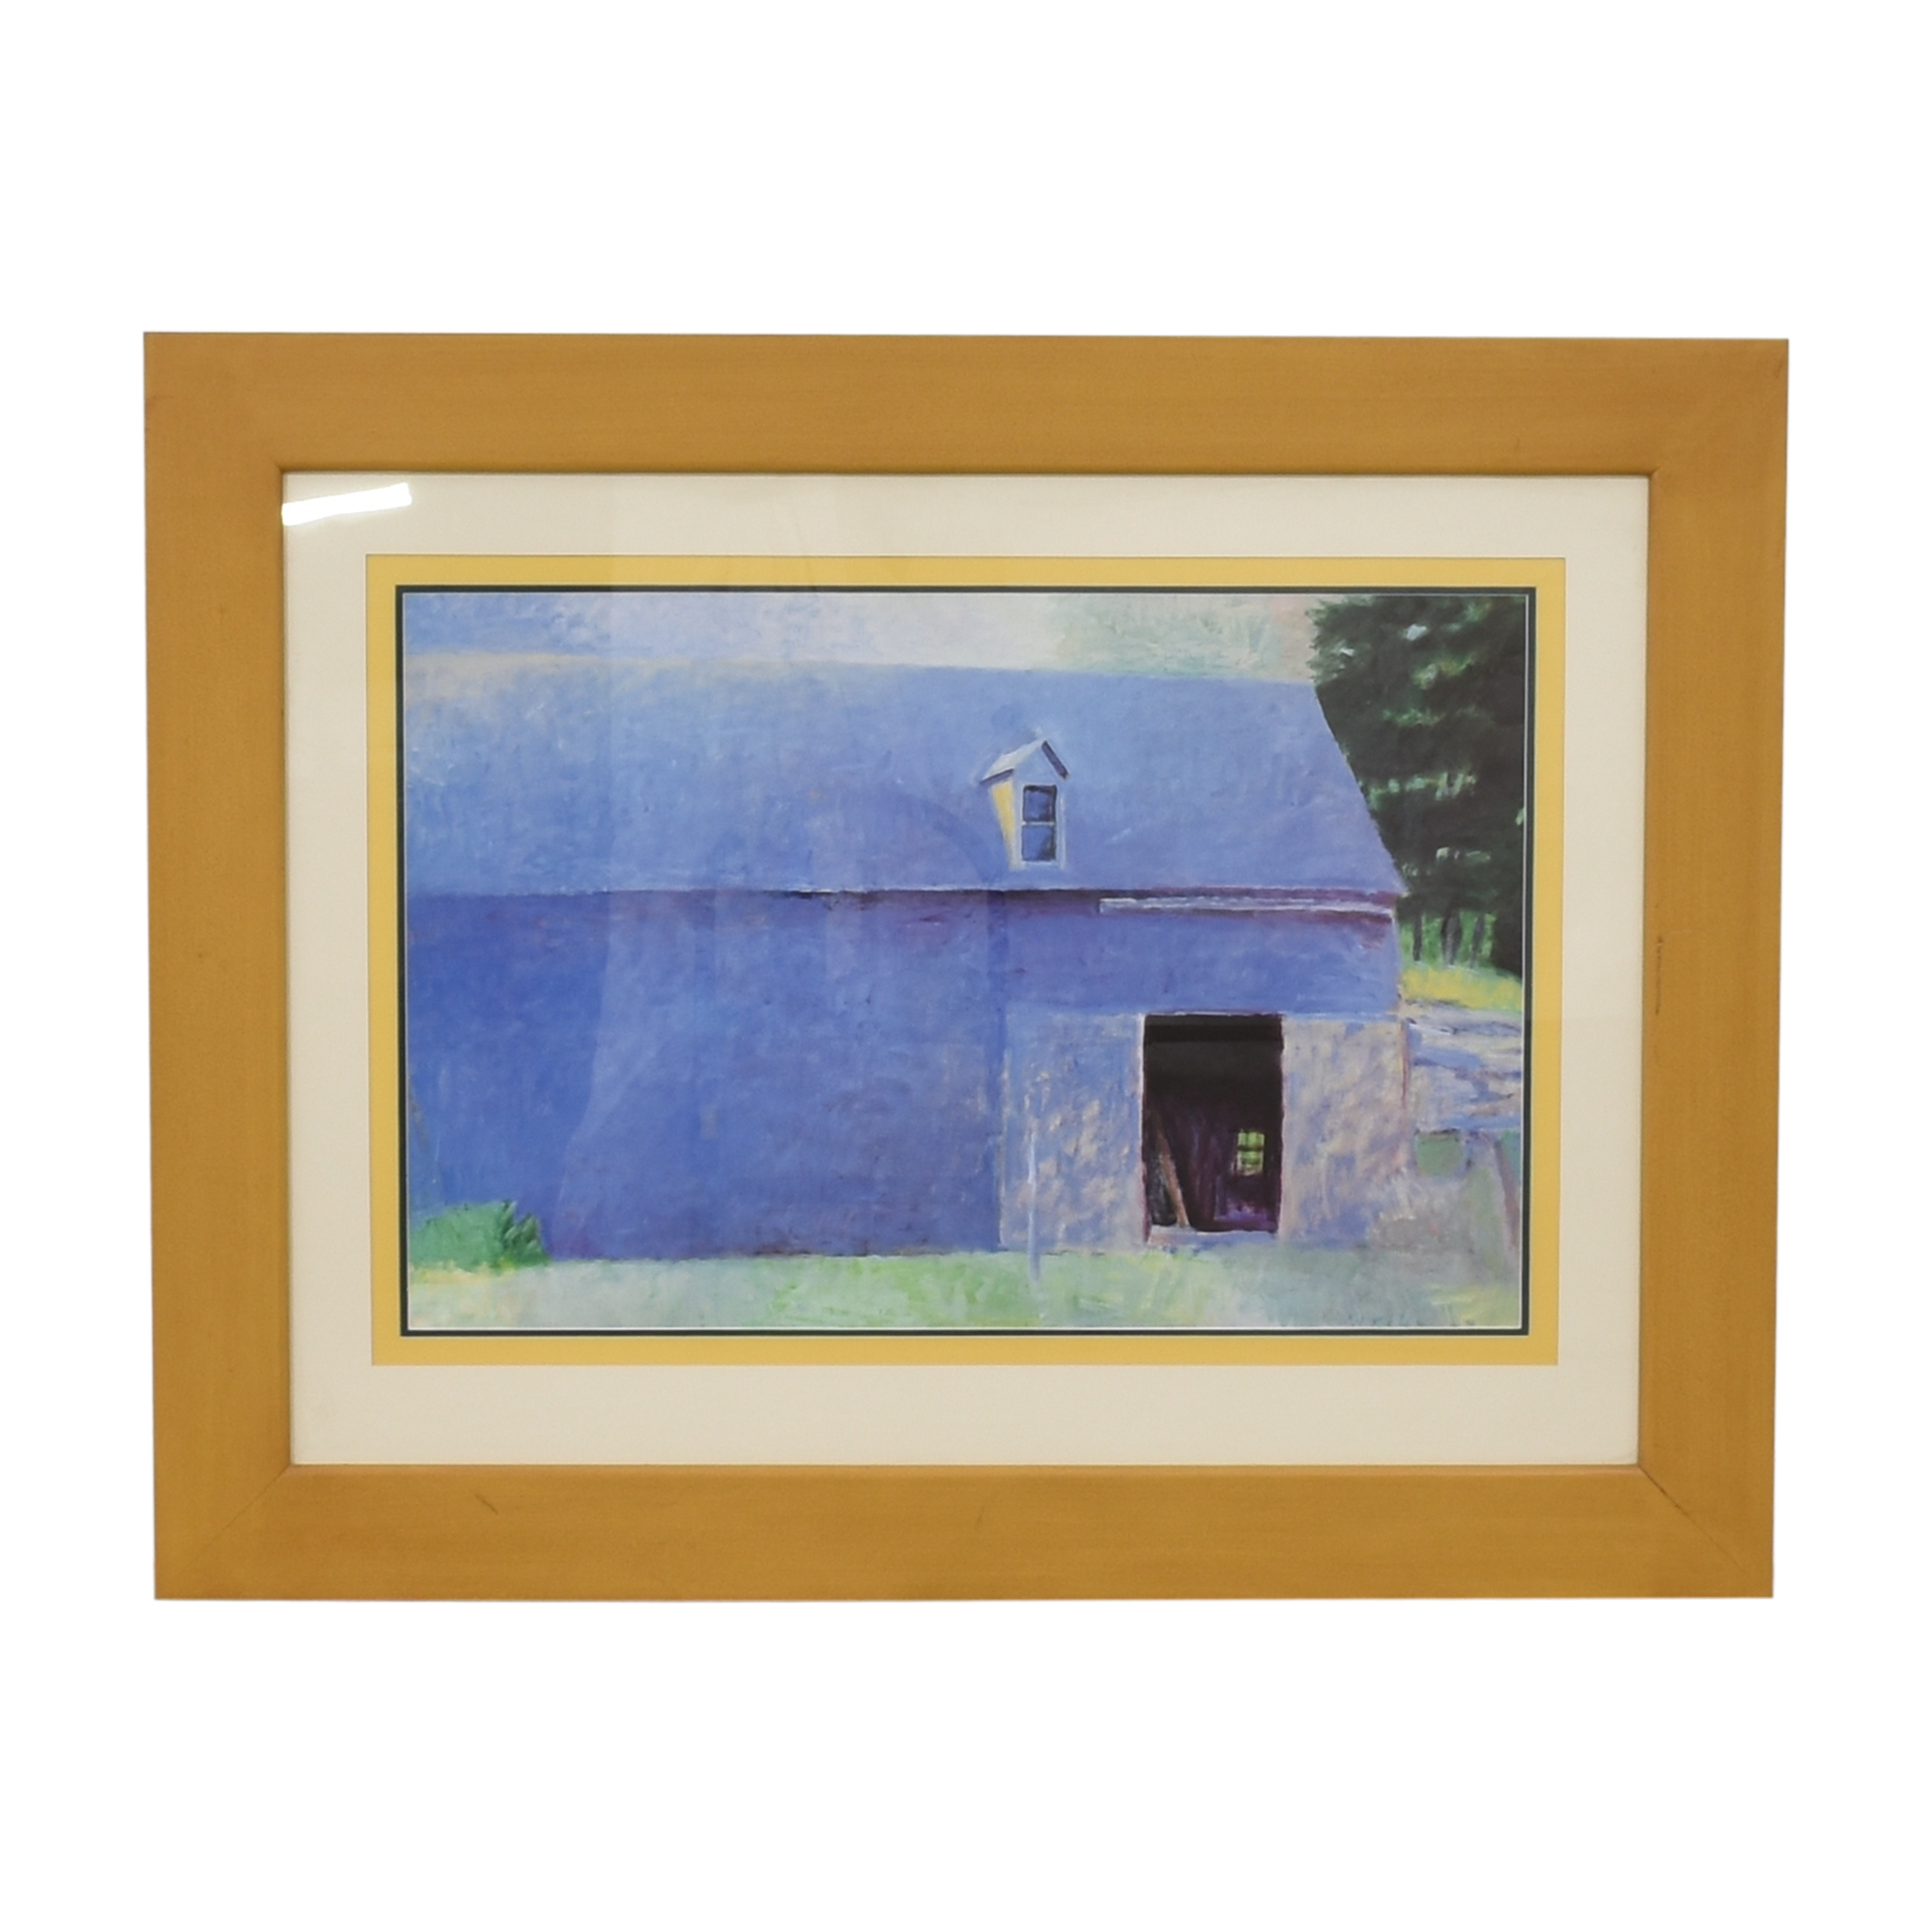 buy Ethan Allen Framed Wall Art Ethan Allen Wall Art